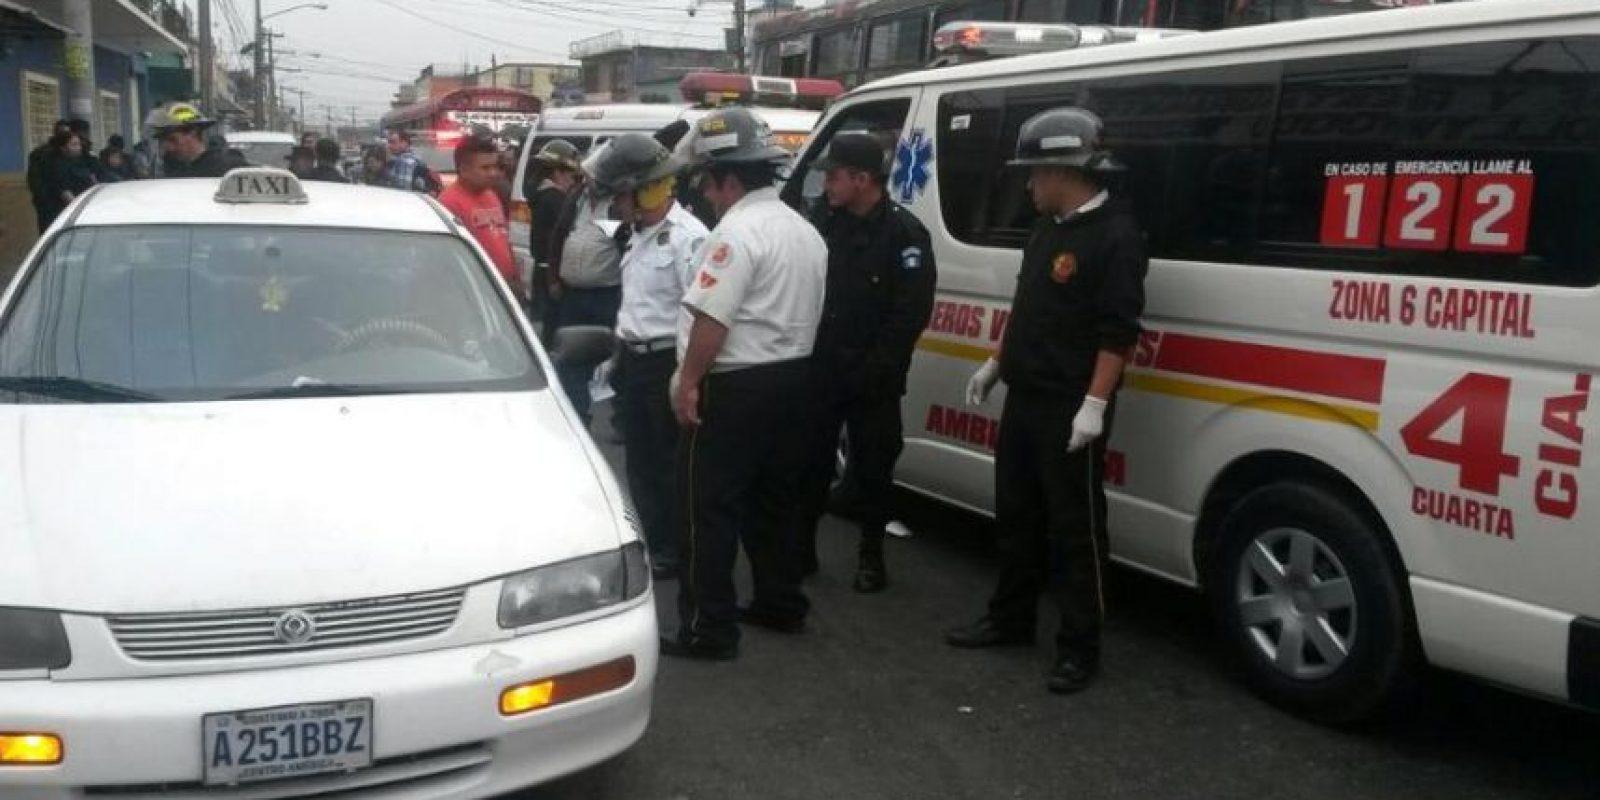 El ataque sucede en la 15 avenida y calle Martí, zona 6. Foto:CVB